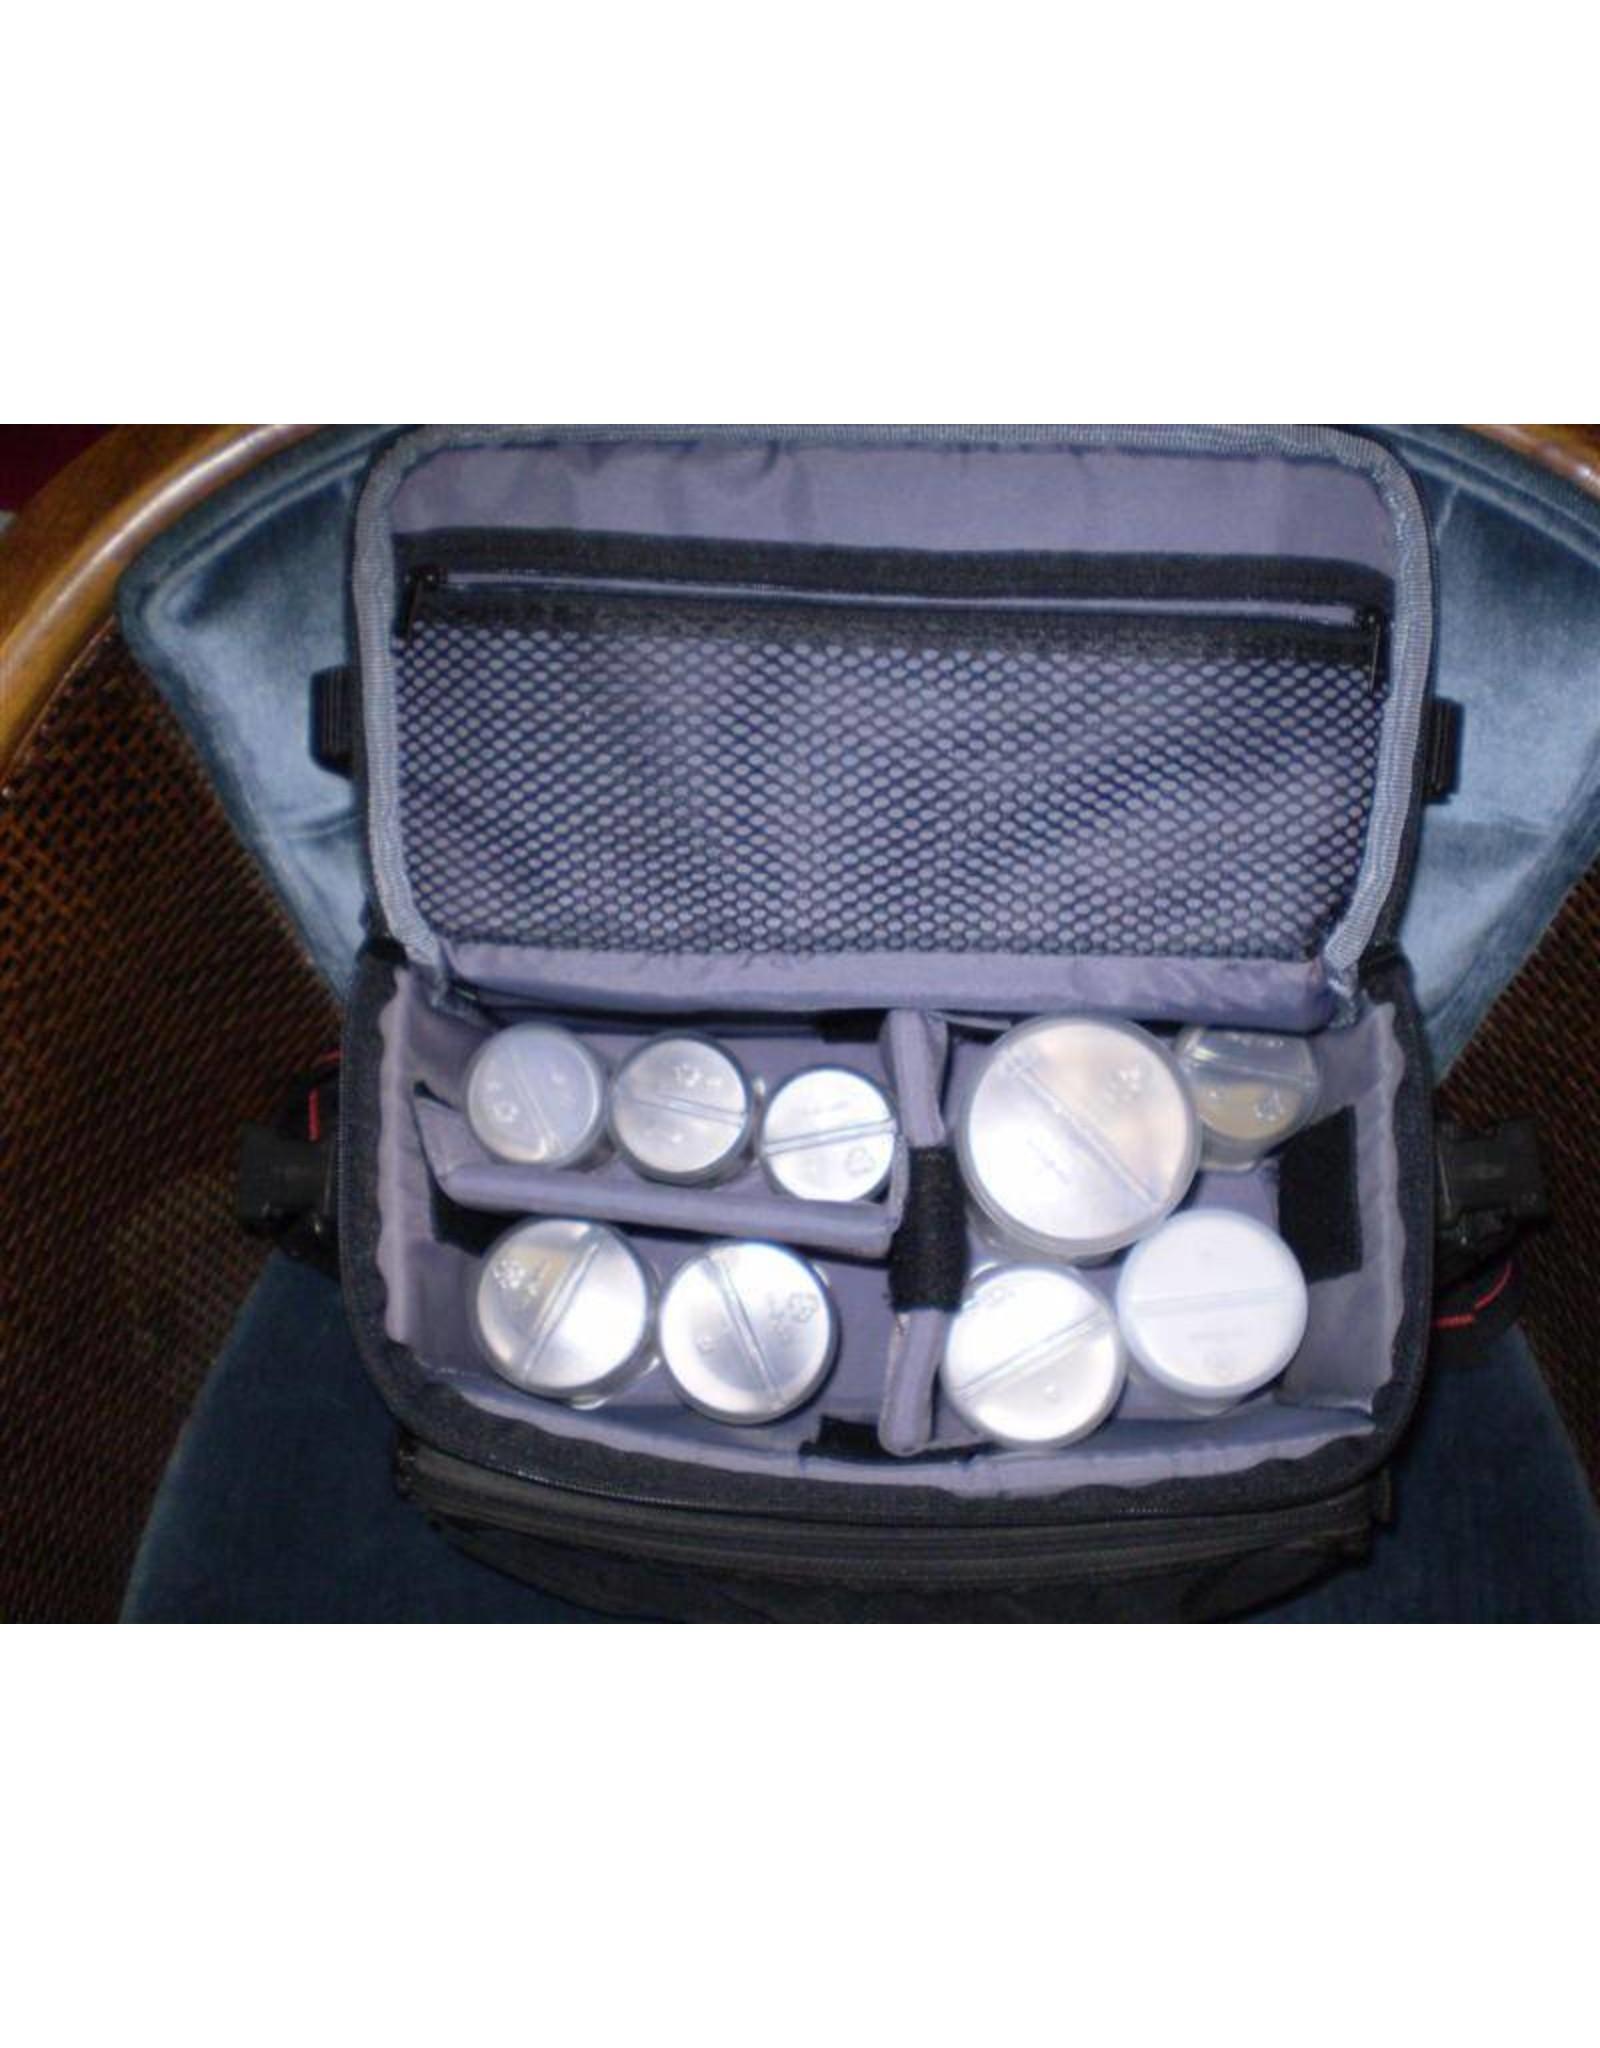 Arcturus Arcturus #002 42mm x 60mm Twist Pack Eyepiece Case